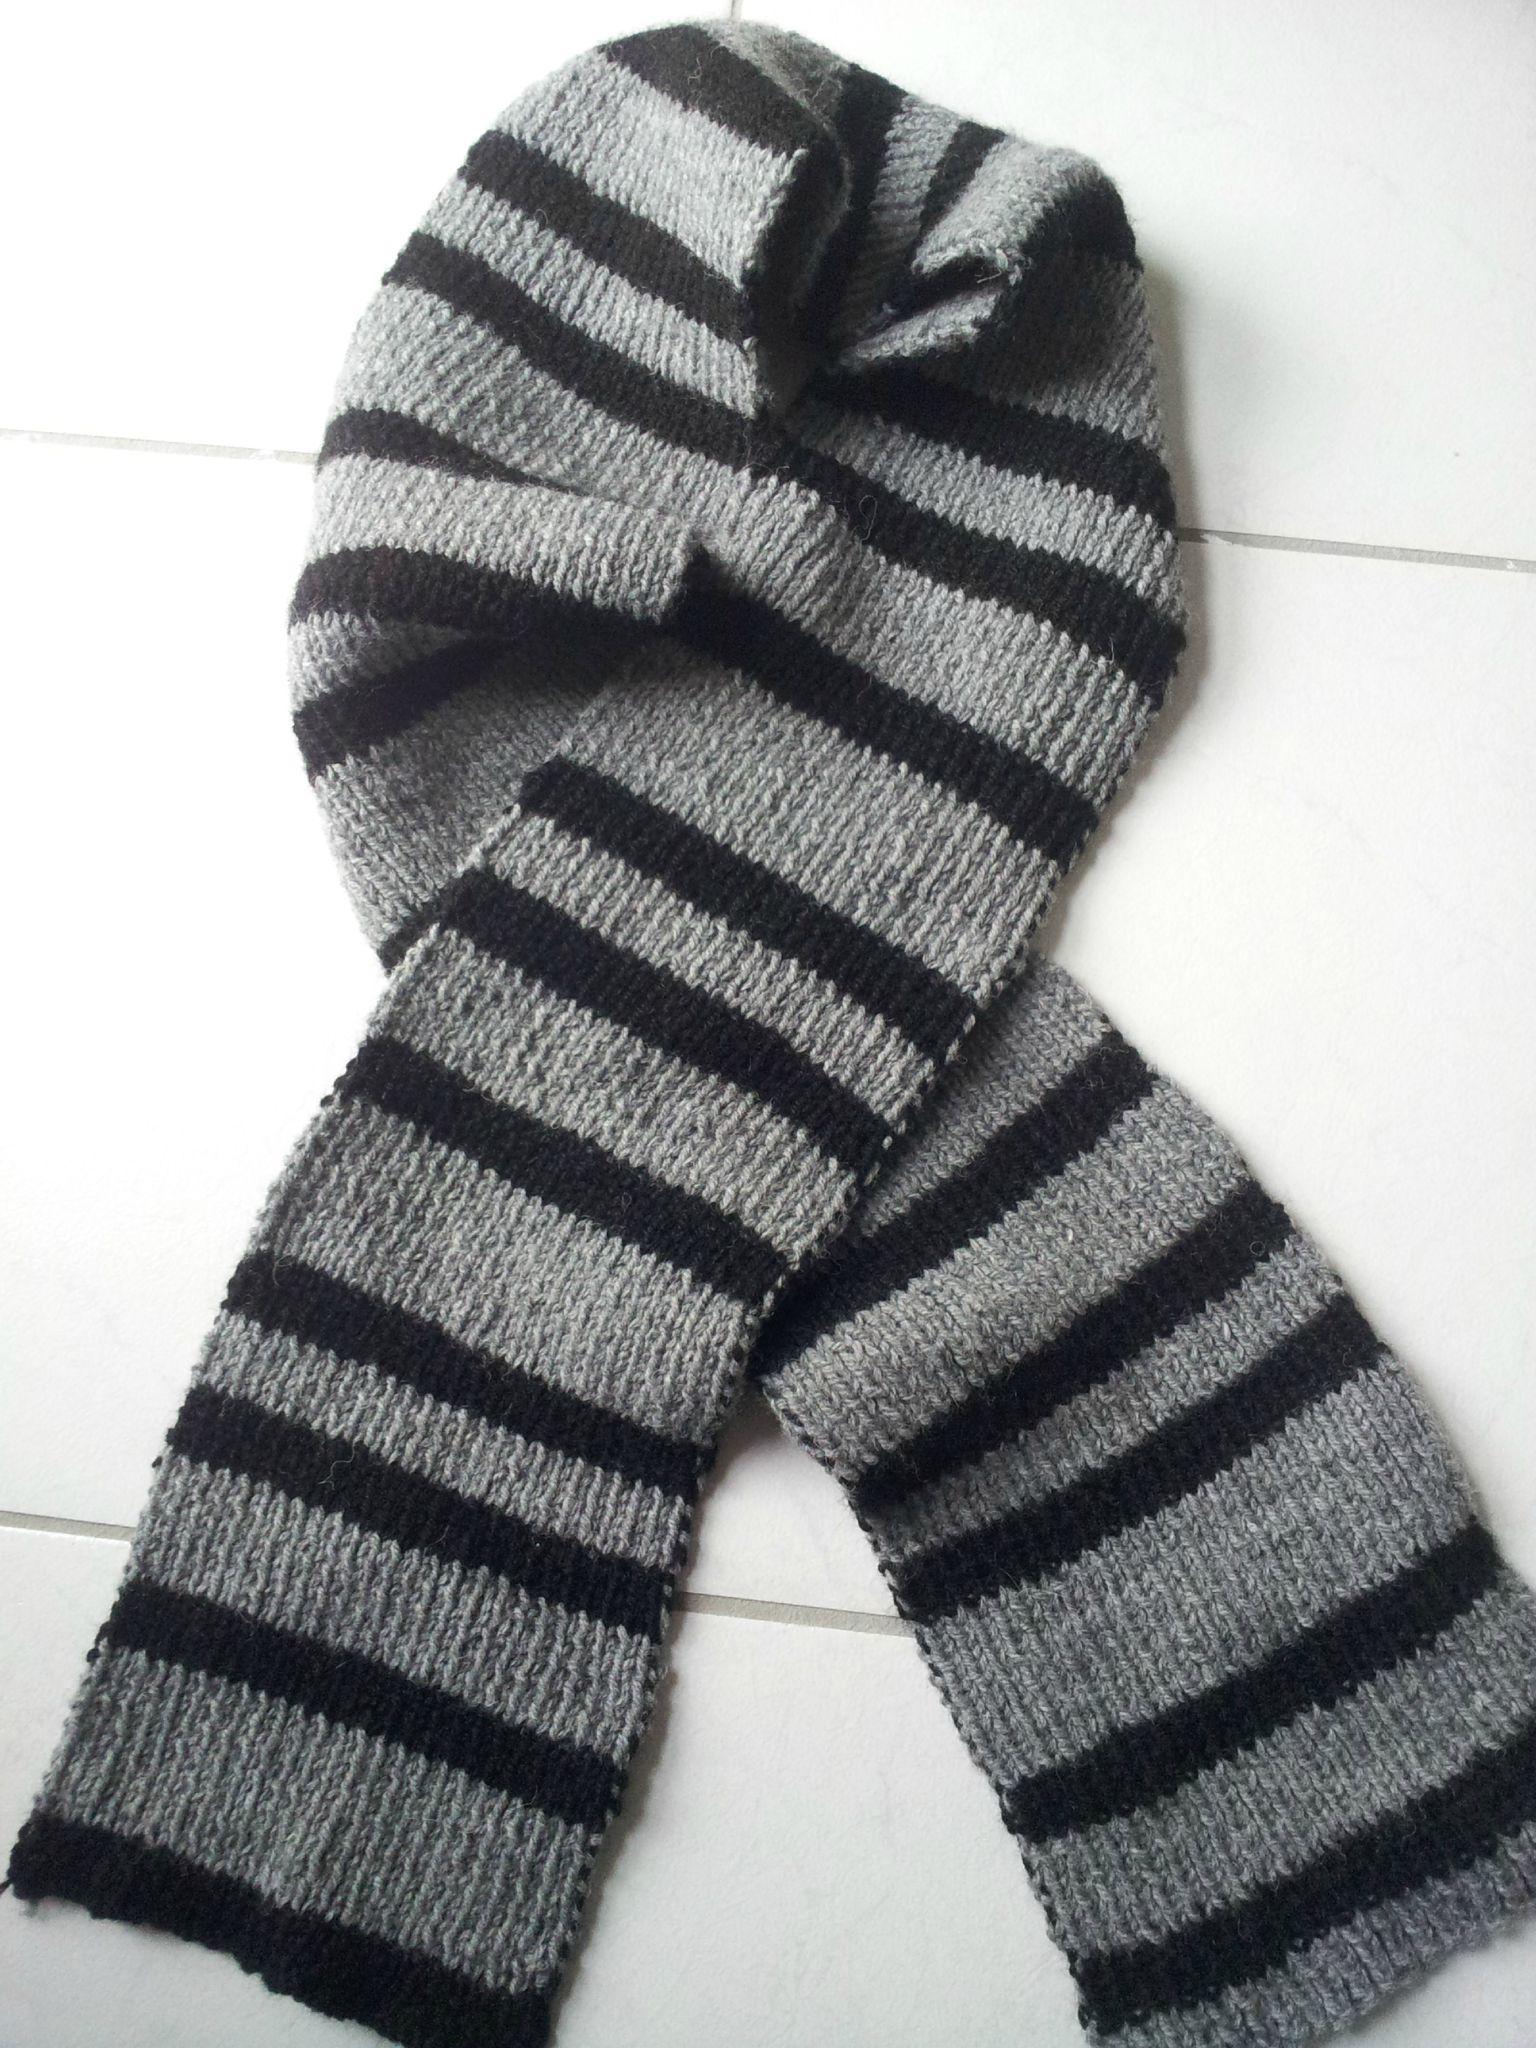 8019aa0047e écharpe rayée grise et noire - Layfan arts